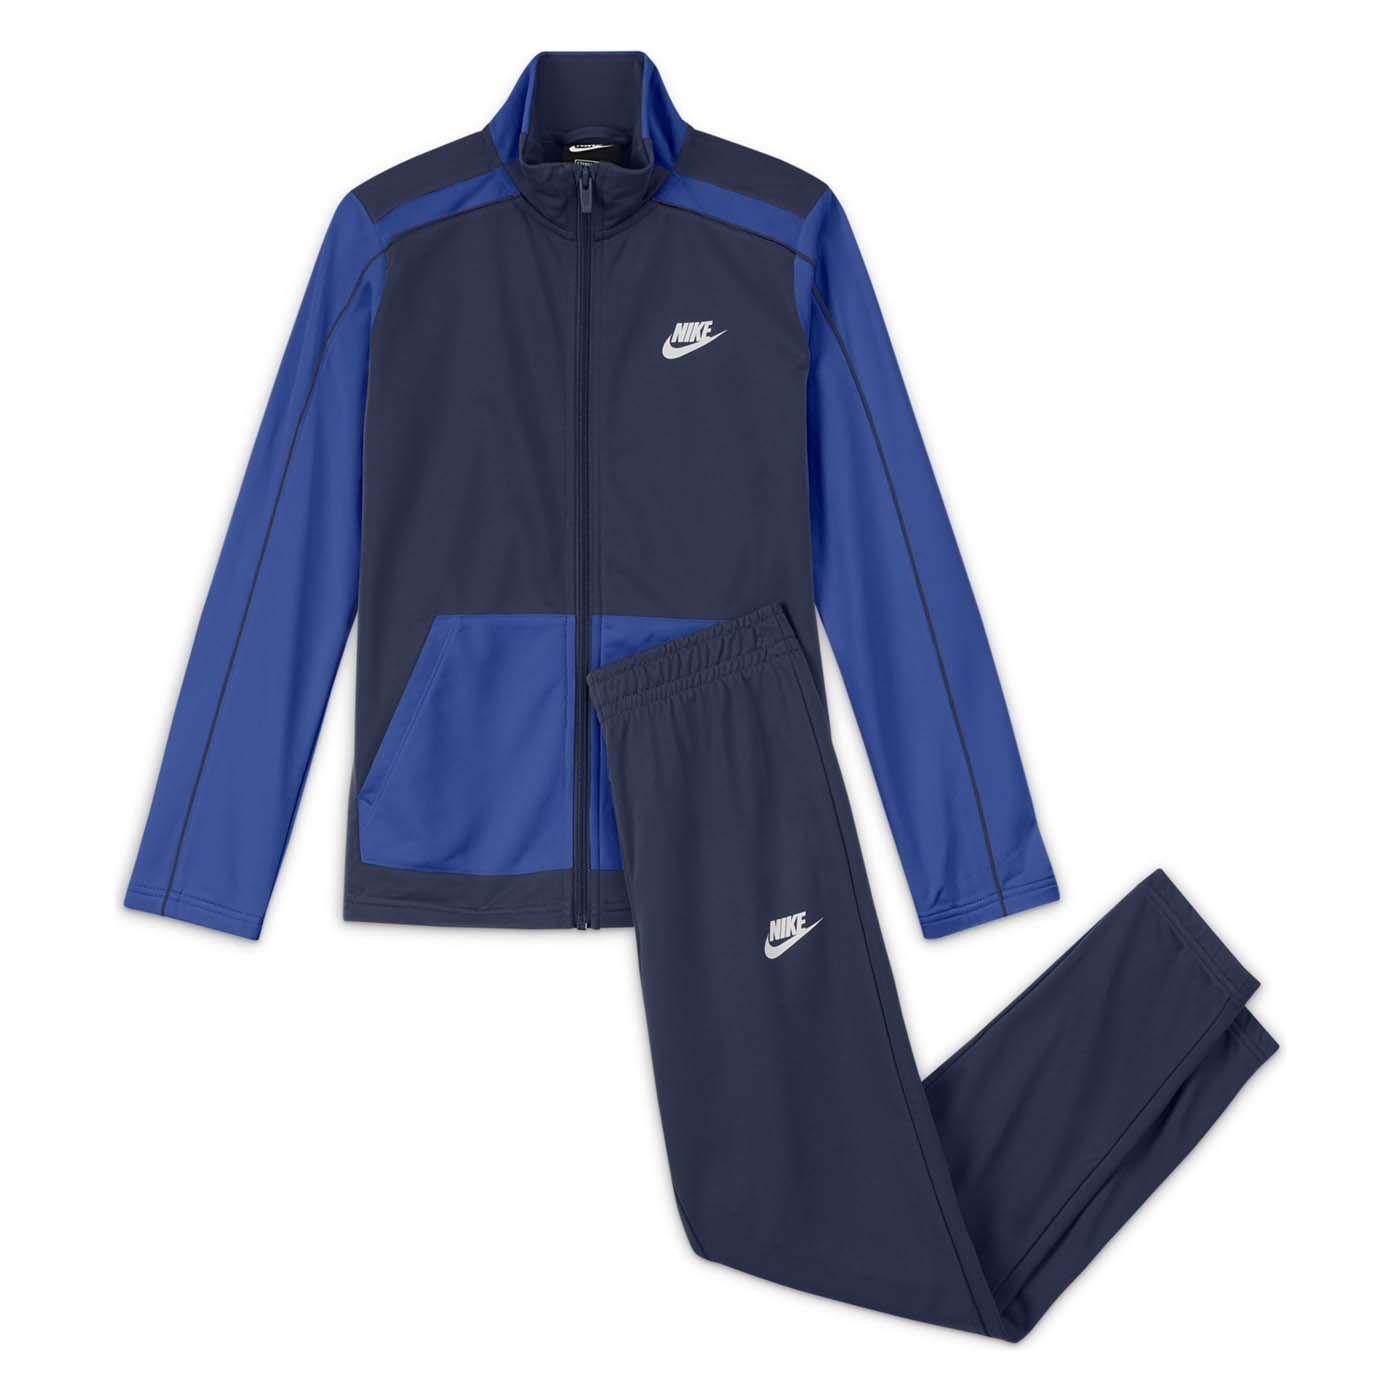 Futura Poly Cuff Çocuk Mavi Eşofman Takımı (DH9661-410)